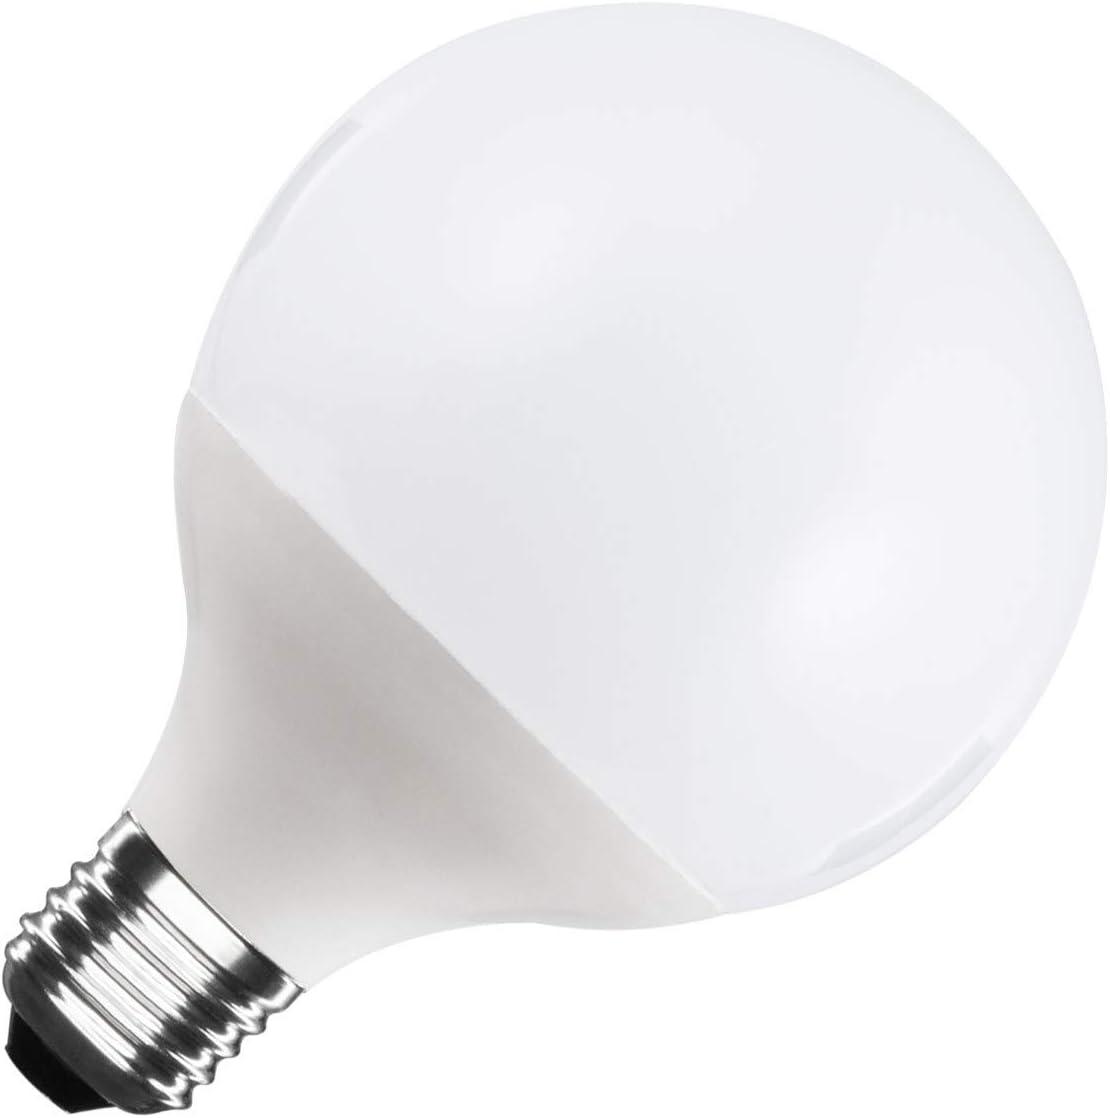 Bombilla LED E27 Casquillo Gordo G95 15W Blanco Frío 6000K - 6500K